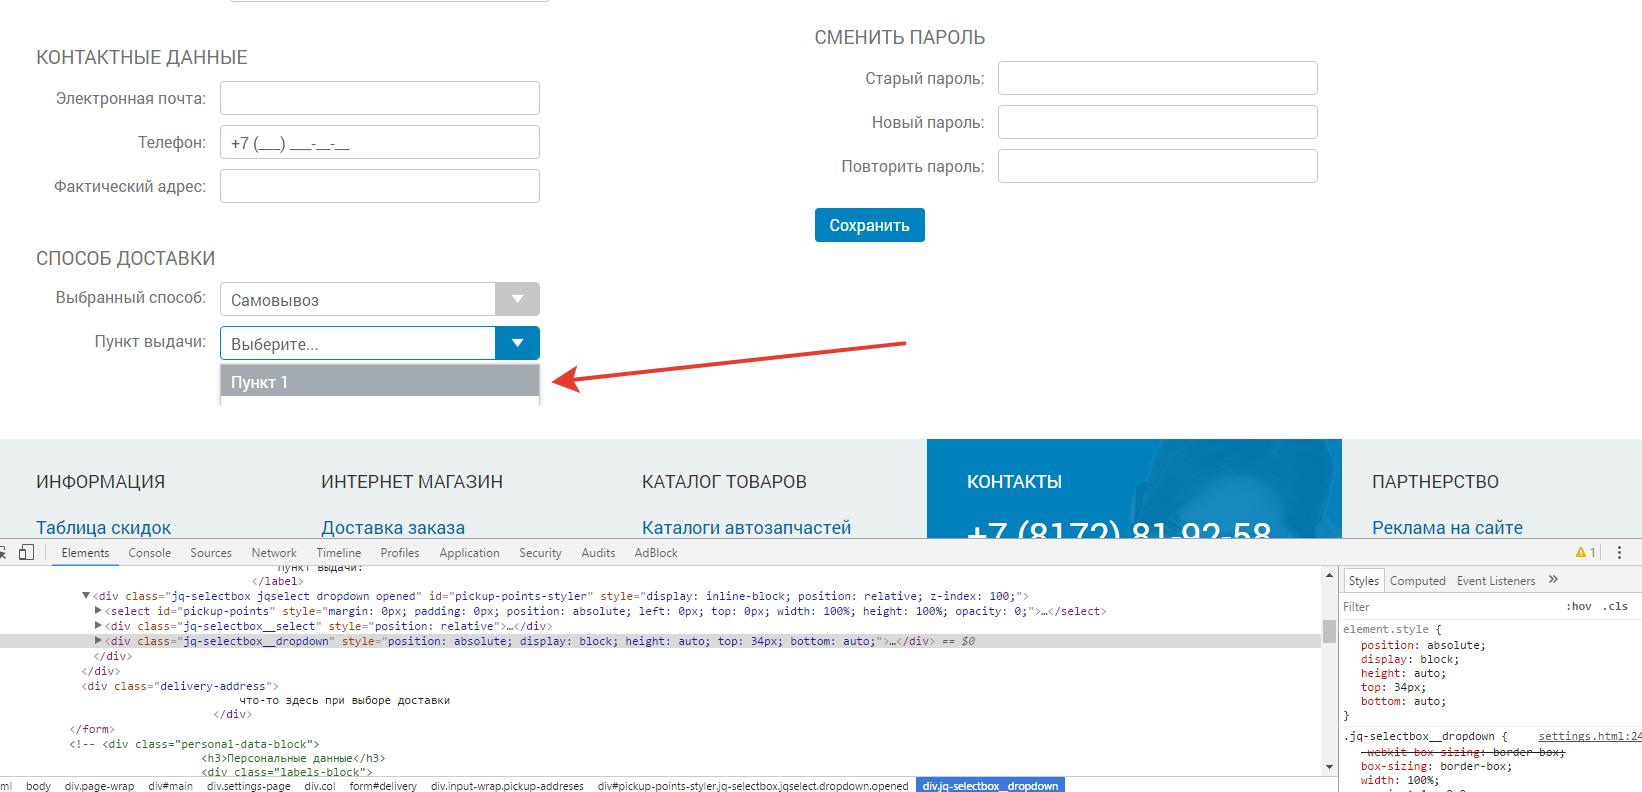 Html - Подключения таблицы стилей для одного блока CSS - Stack 68